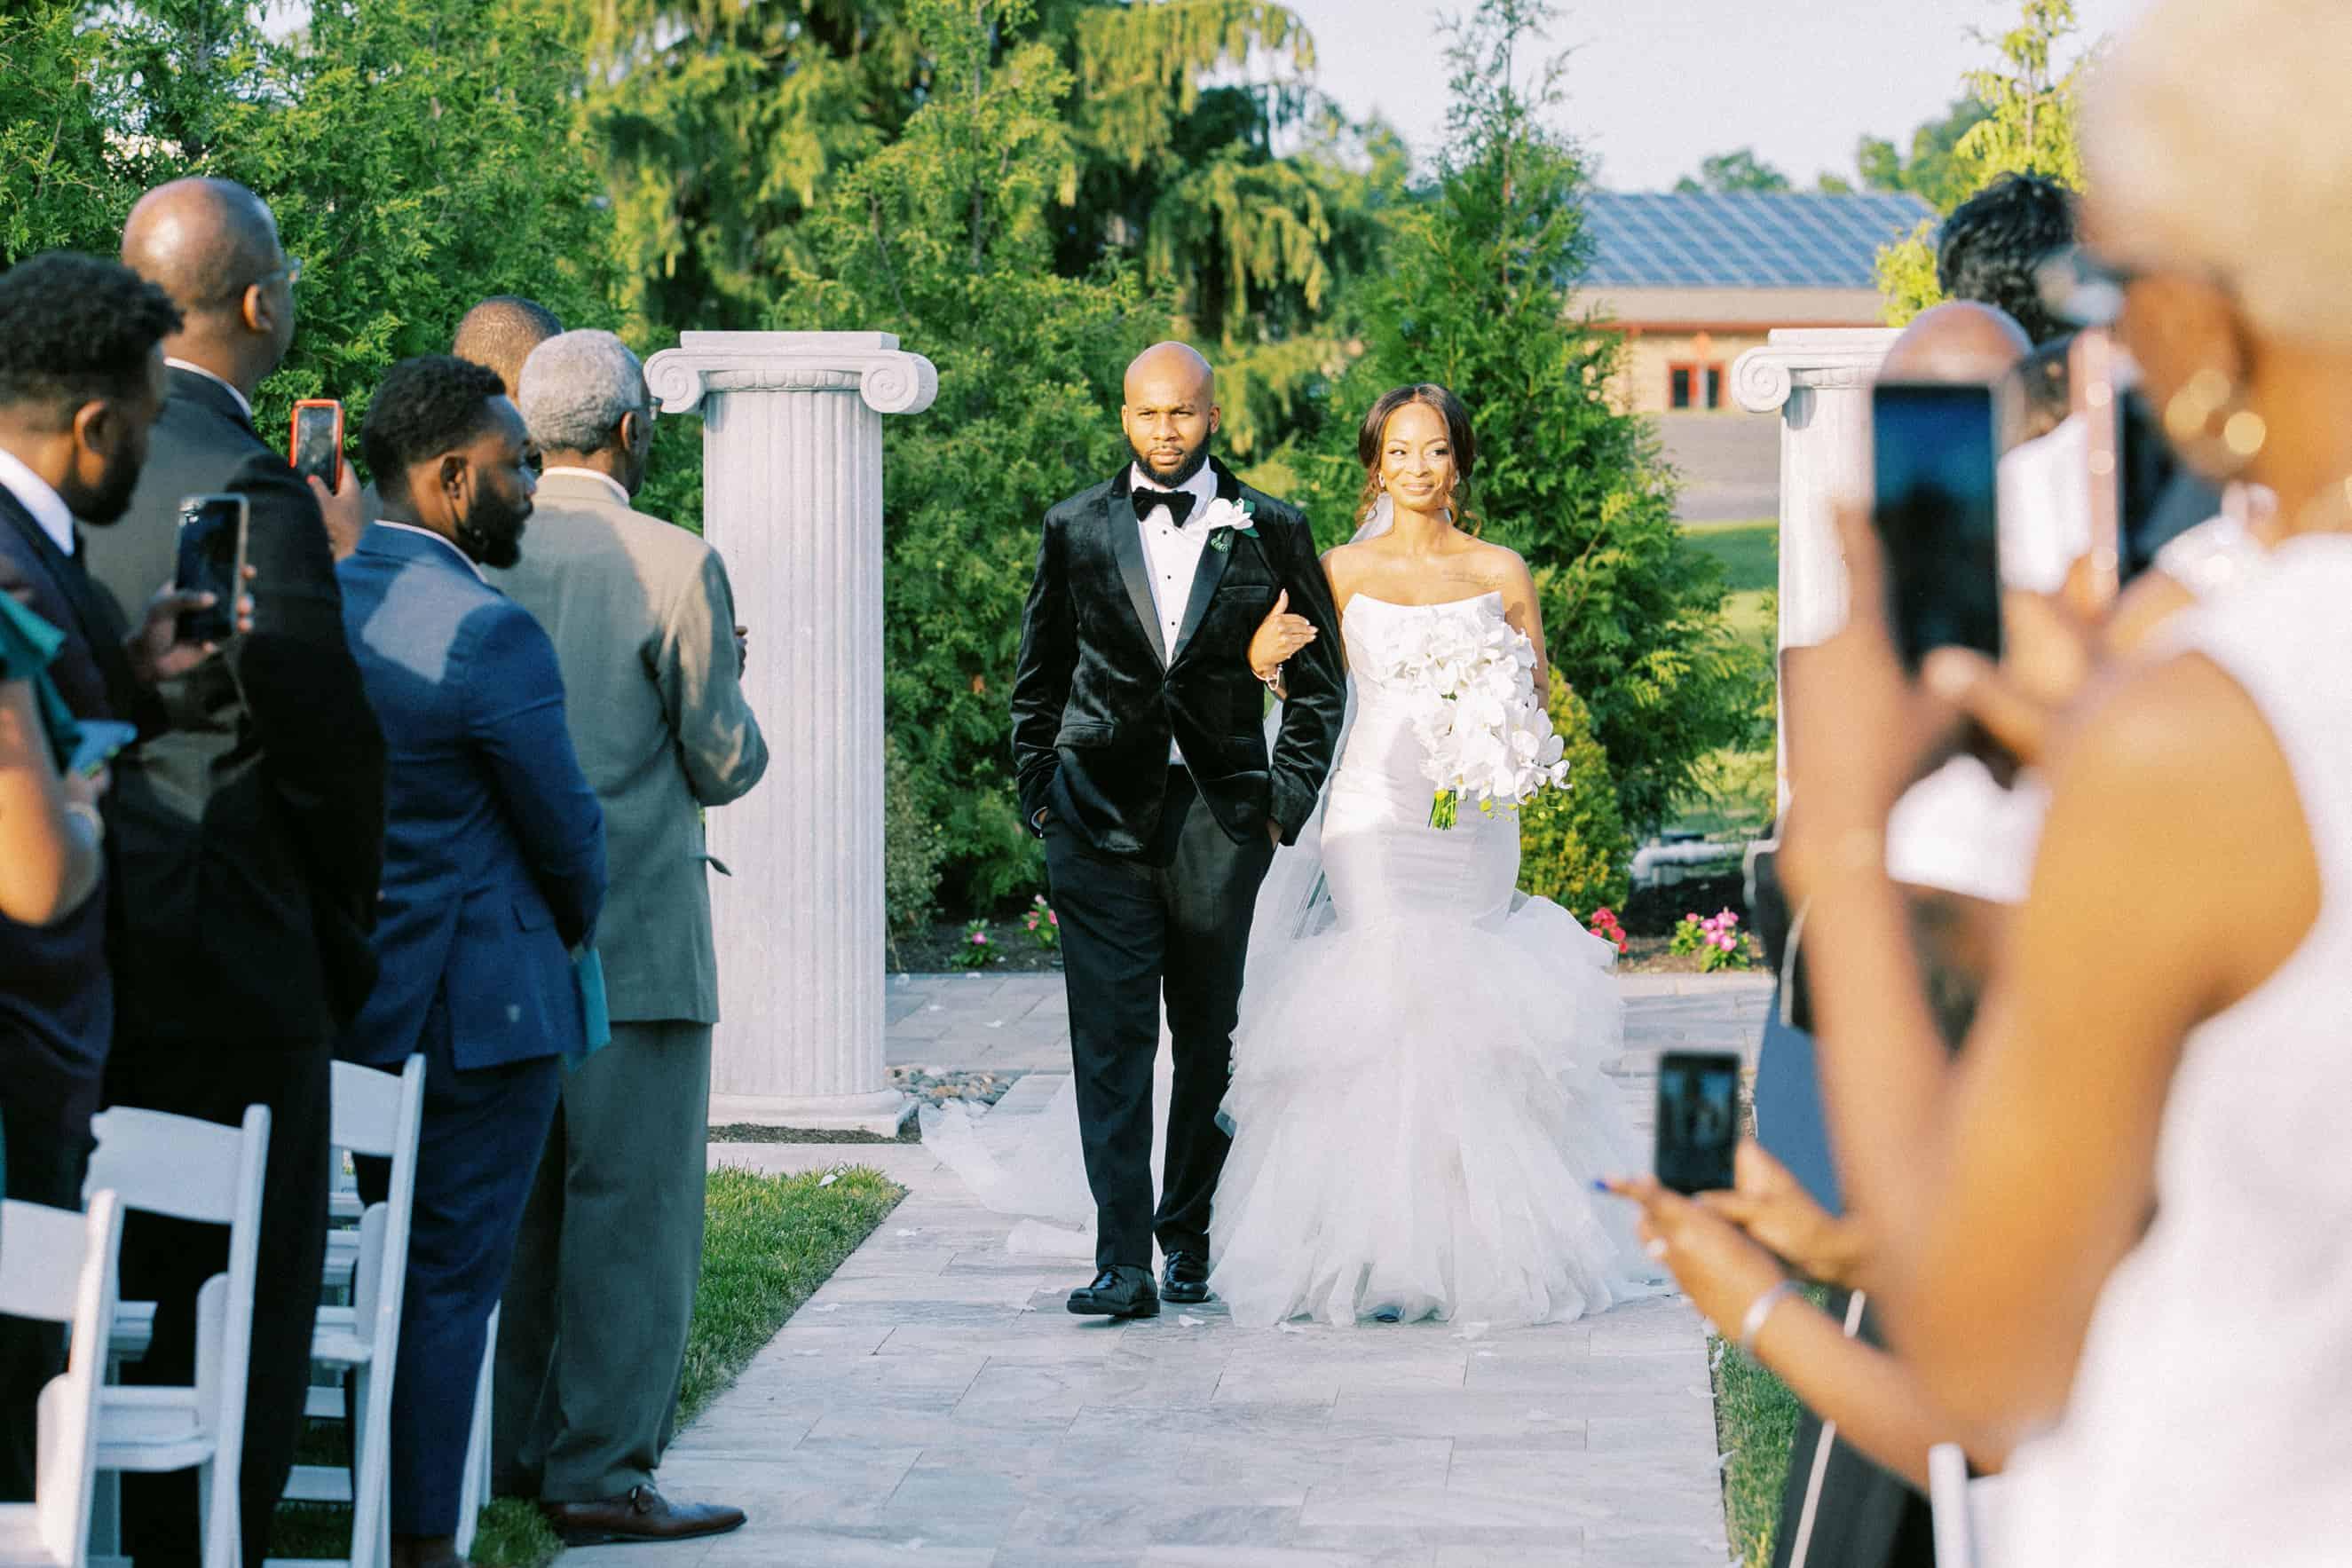 Outdoor Wedding Ceremonies New Jersey